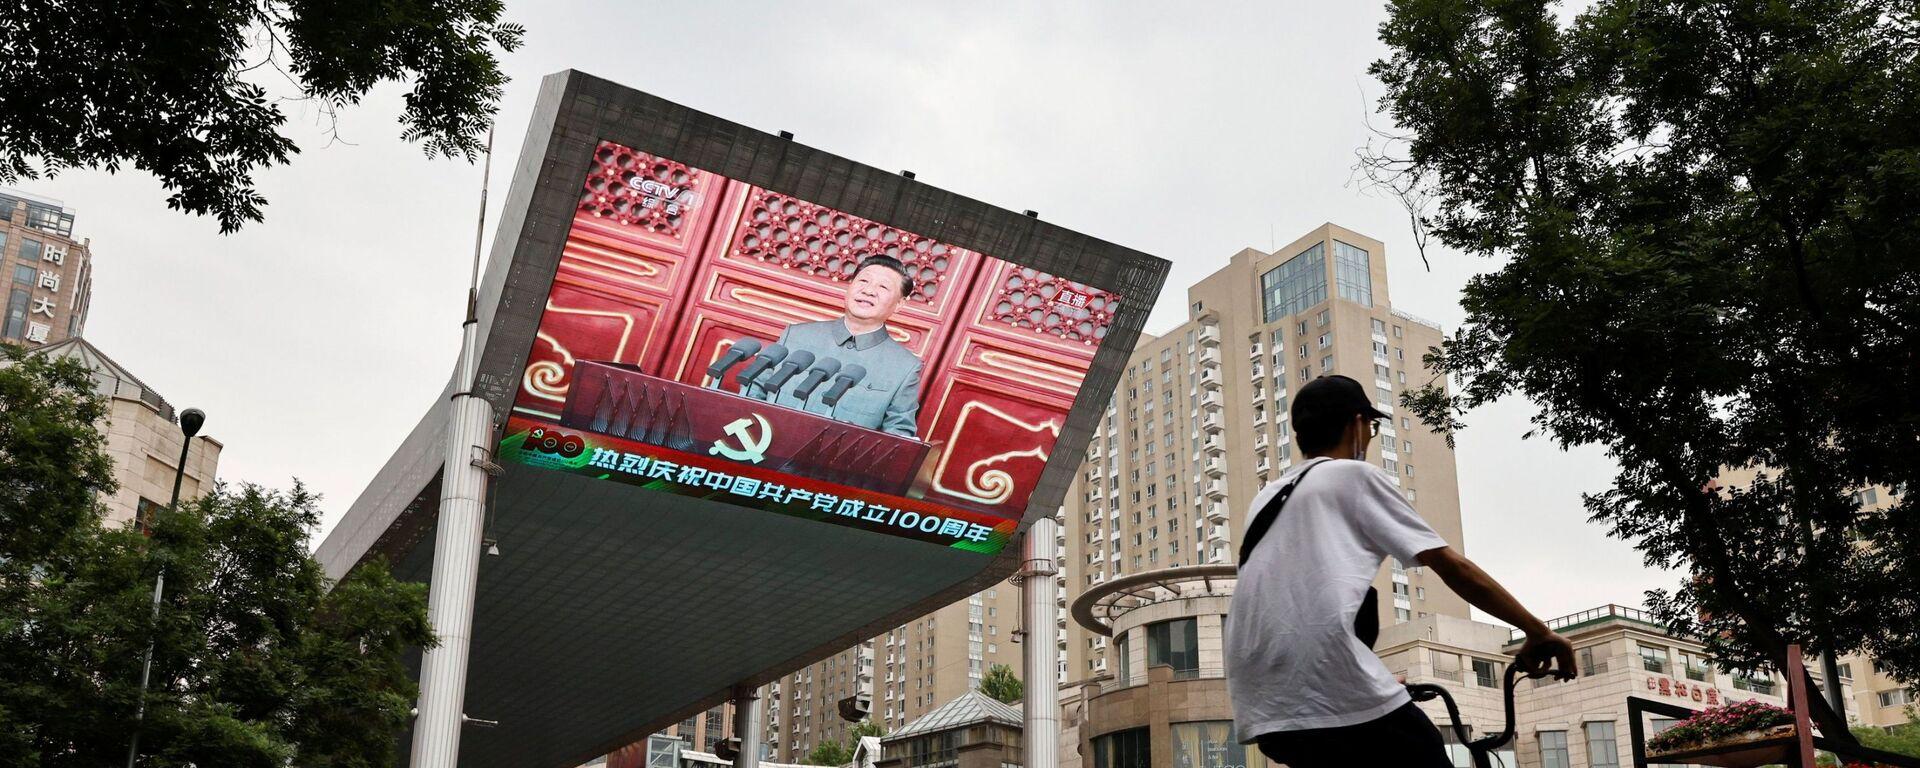 Трансляция выступления председатель КНР Си Цзиньпина на праздновании 100-летия Коммунистической партии Китая в Пекине - Sputnik Mundo, 1920, 20.09.2021